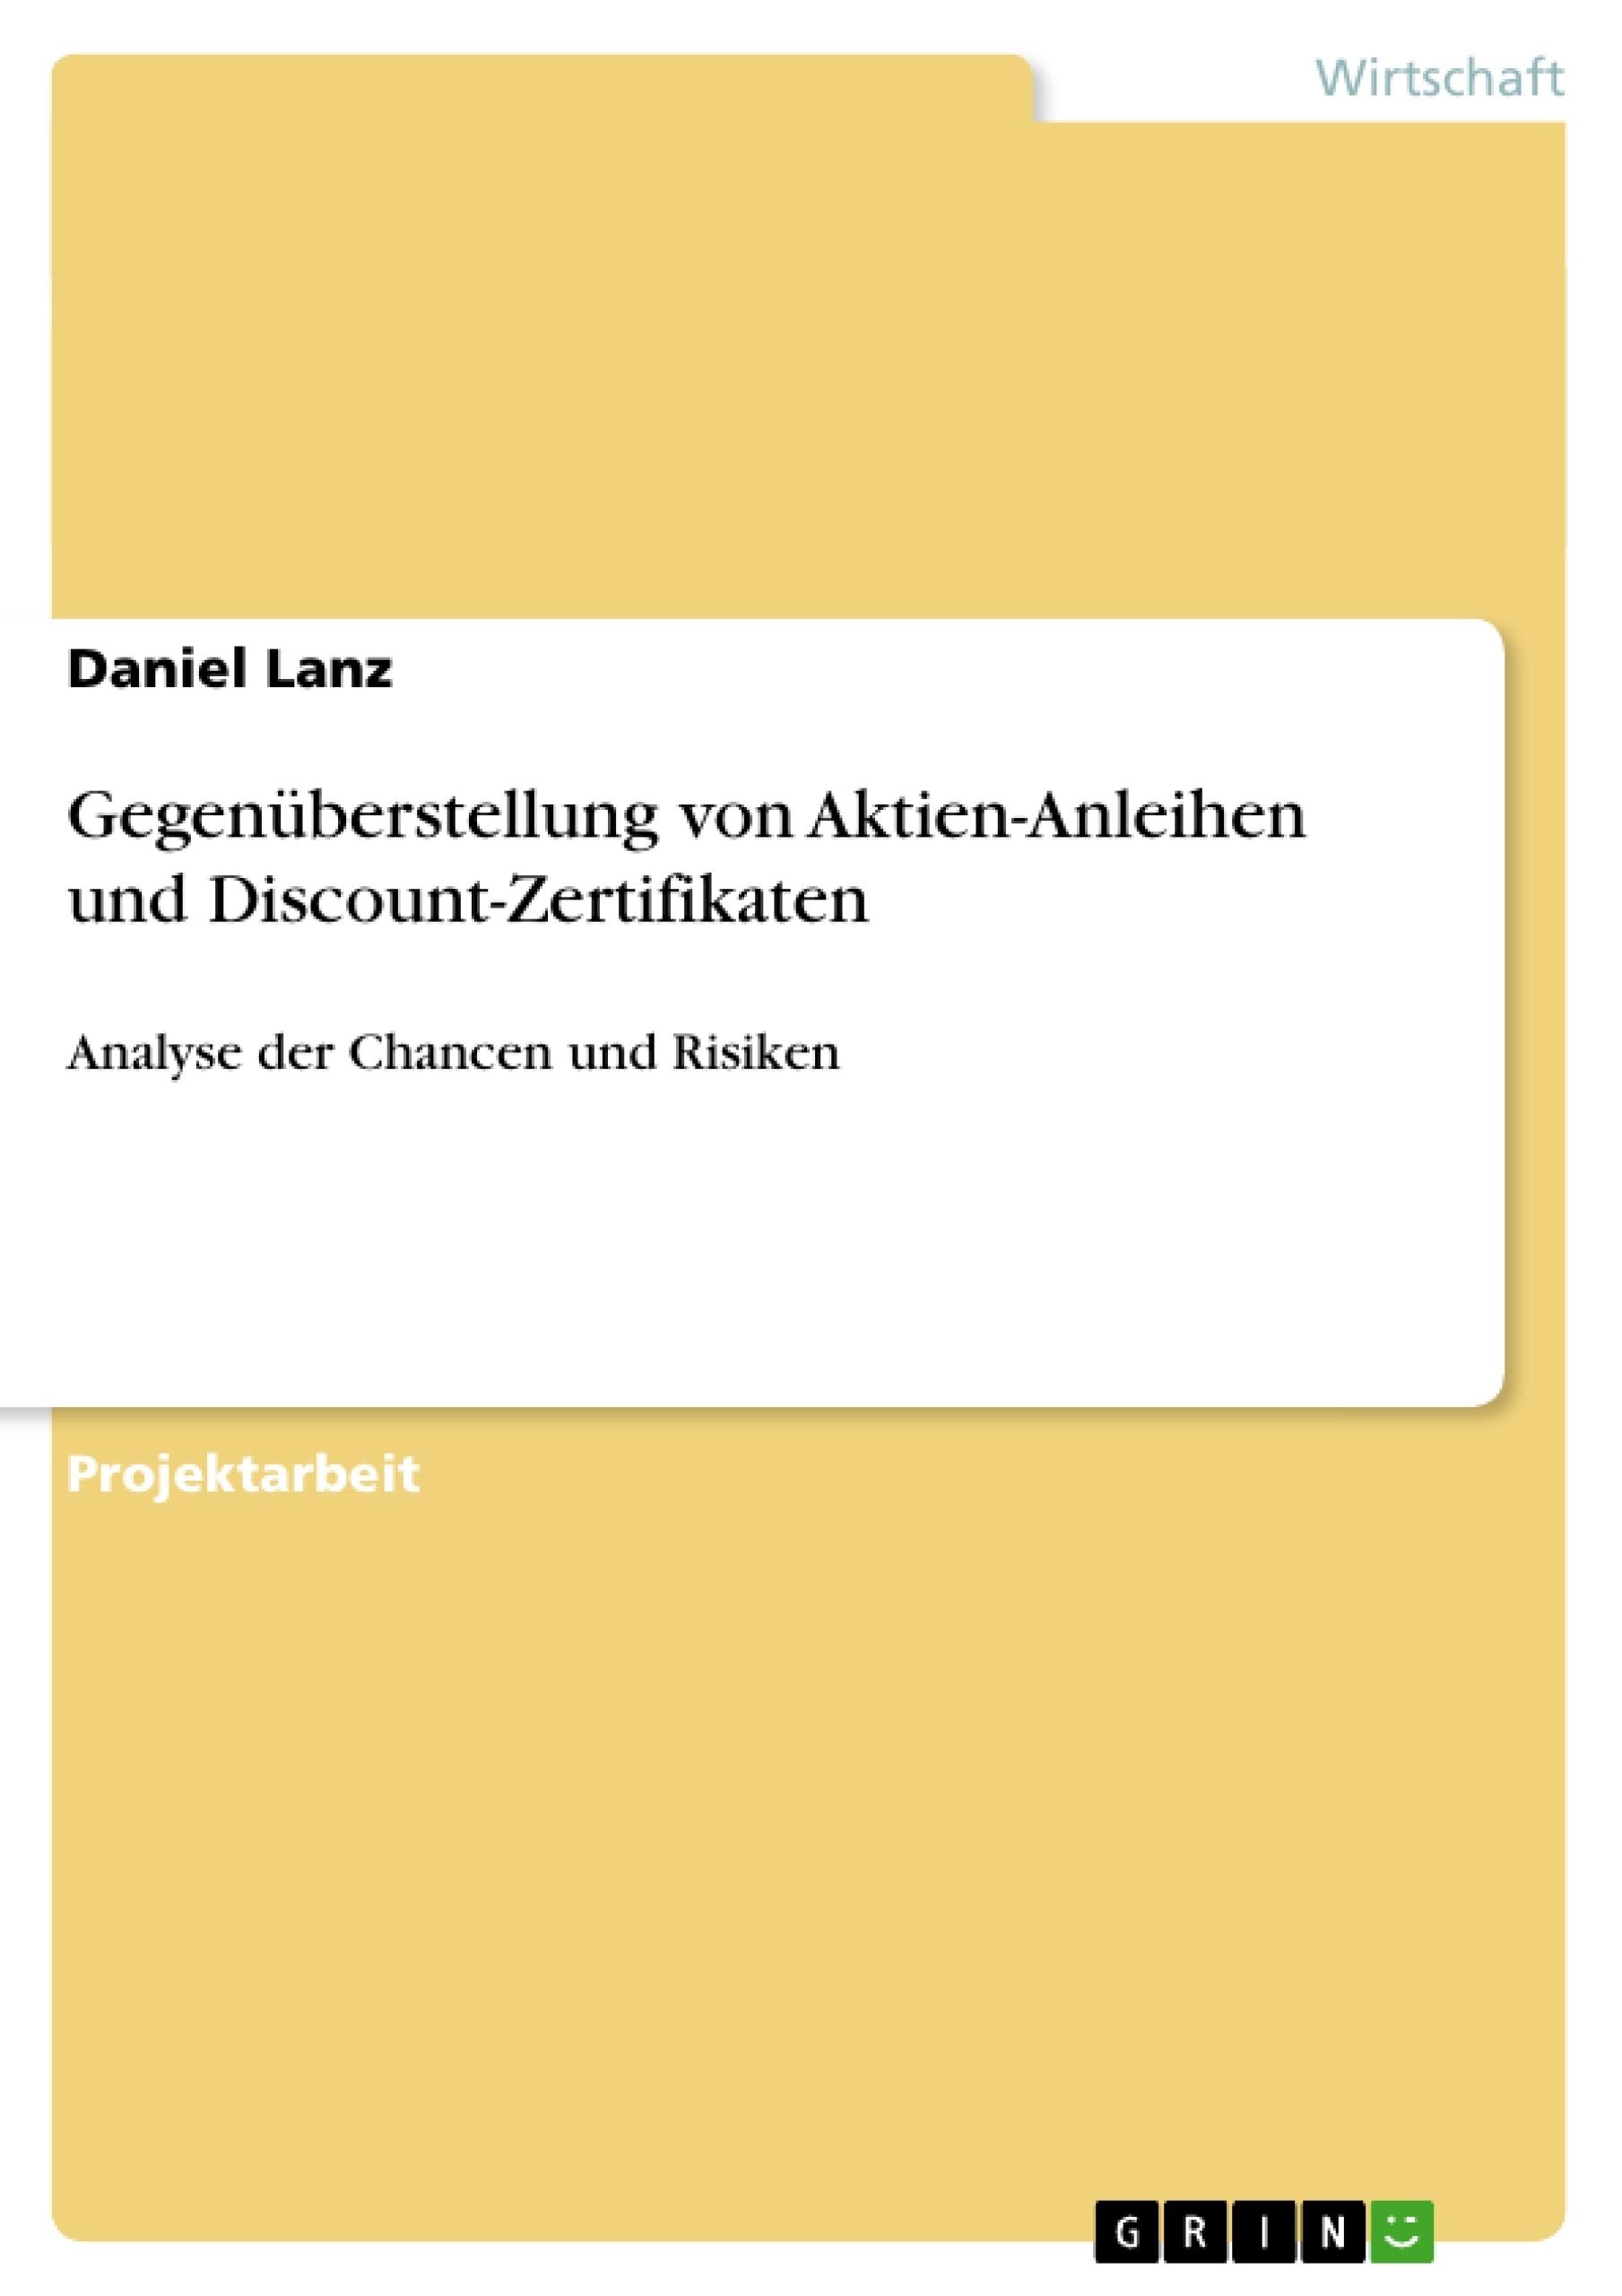 Titel: Gegenüberstellung von Aktien-Anleihen und Discount-Zertifikaten